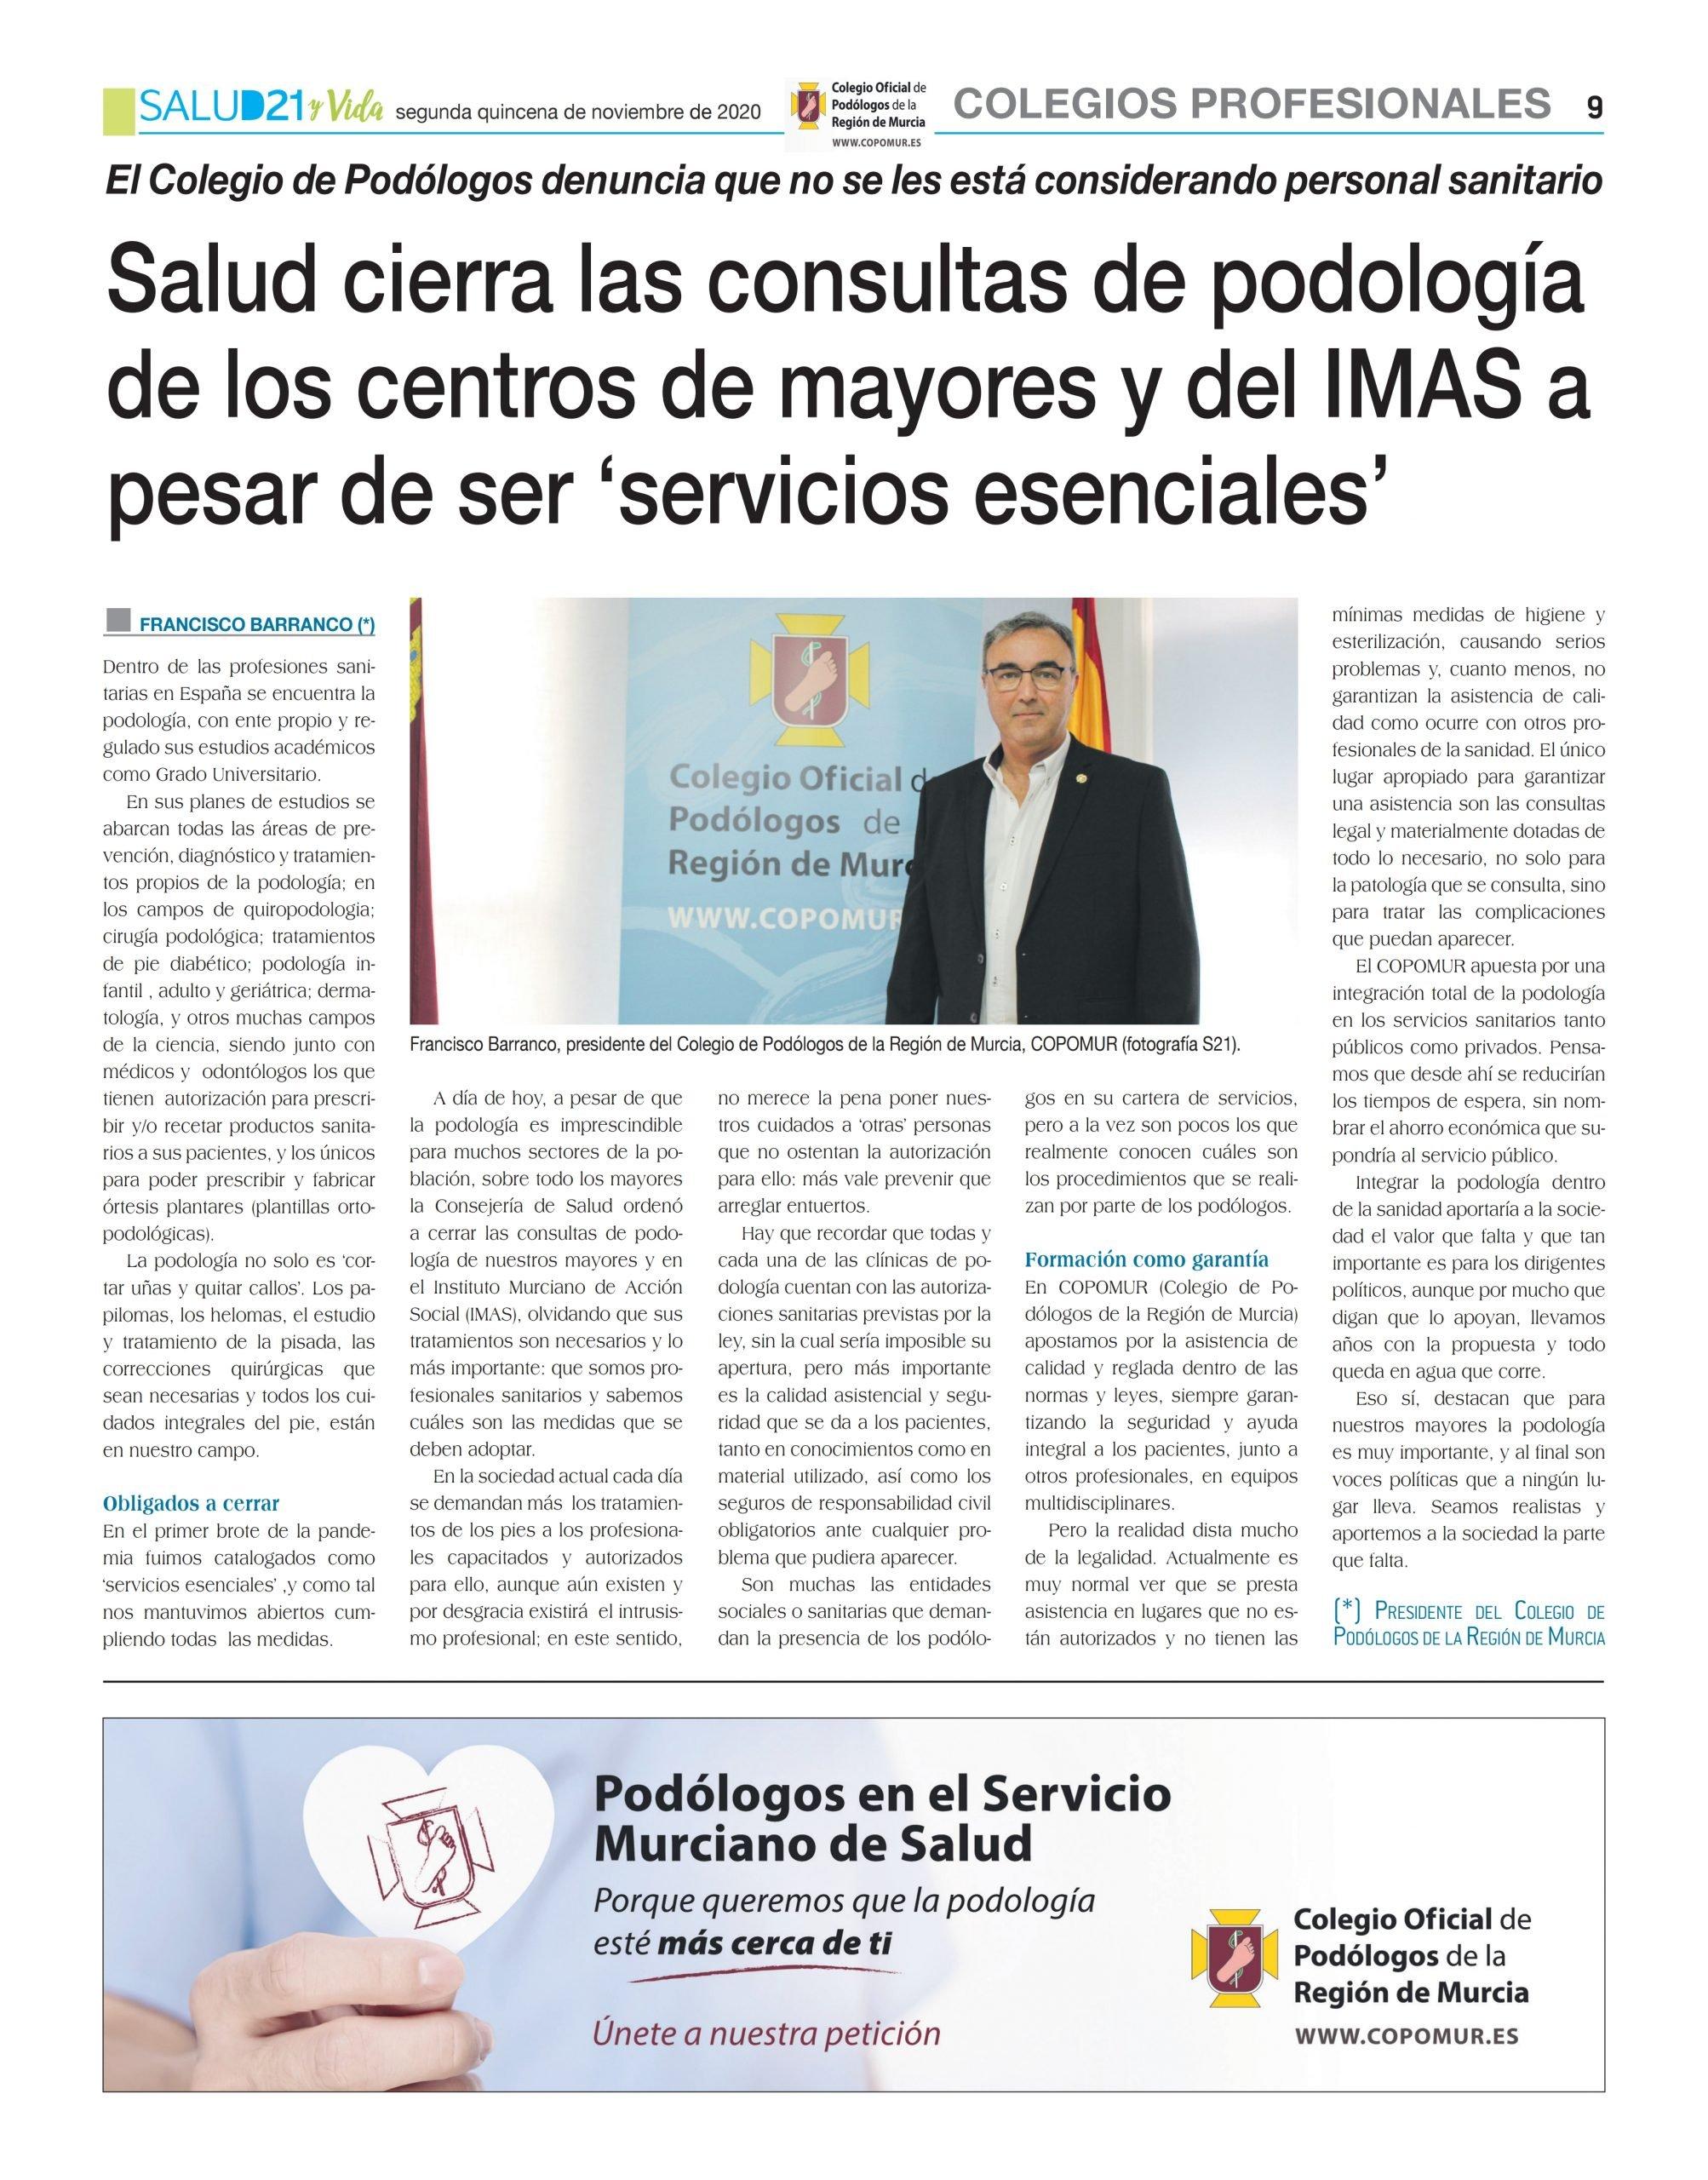 Salud cierra las consultas de podología de los centros de mayores y del IMAS a pesar de ser 'servicios esenciales'